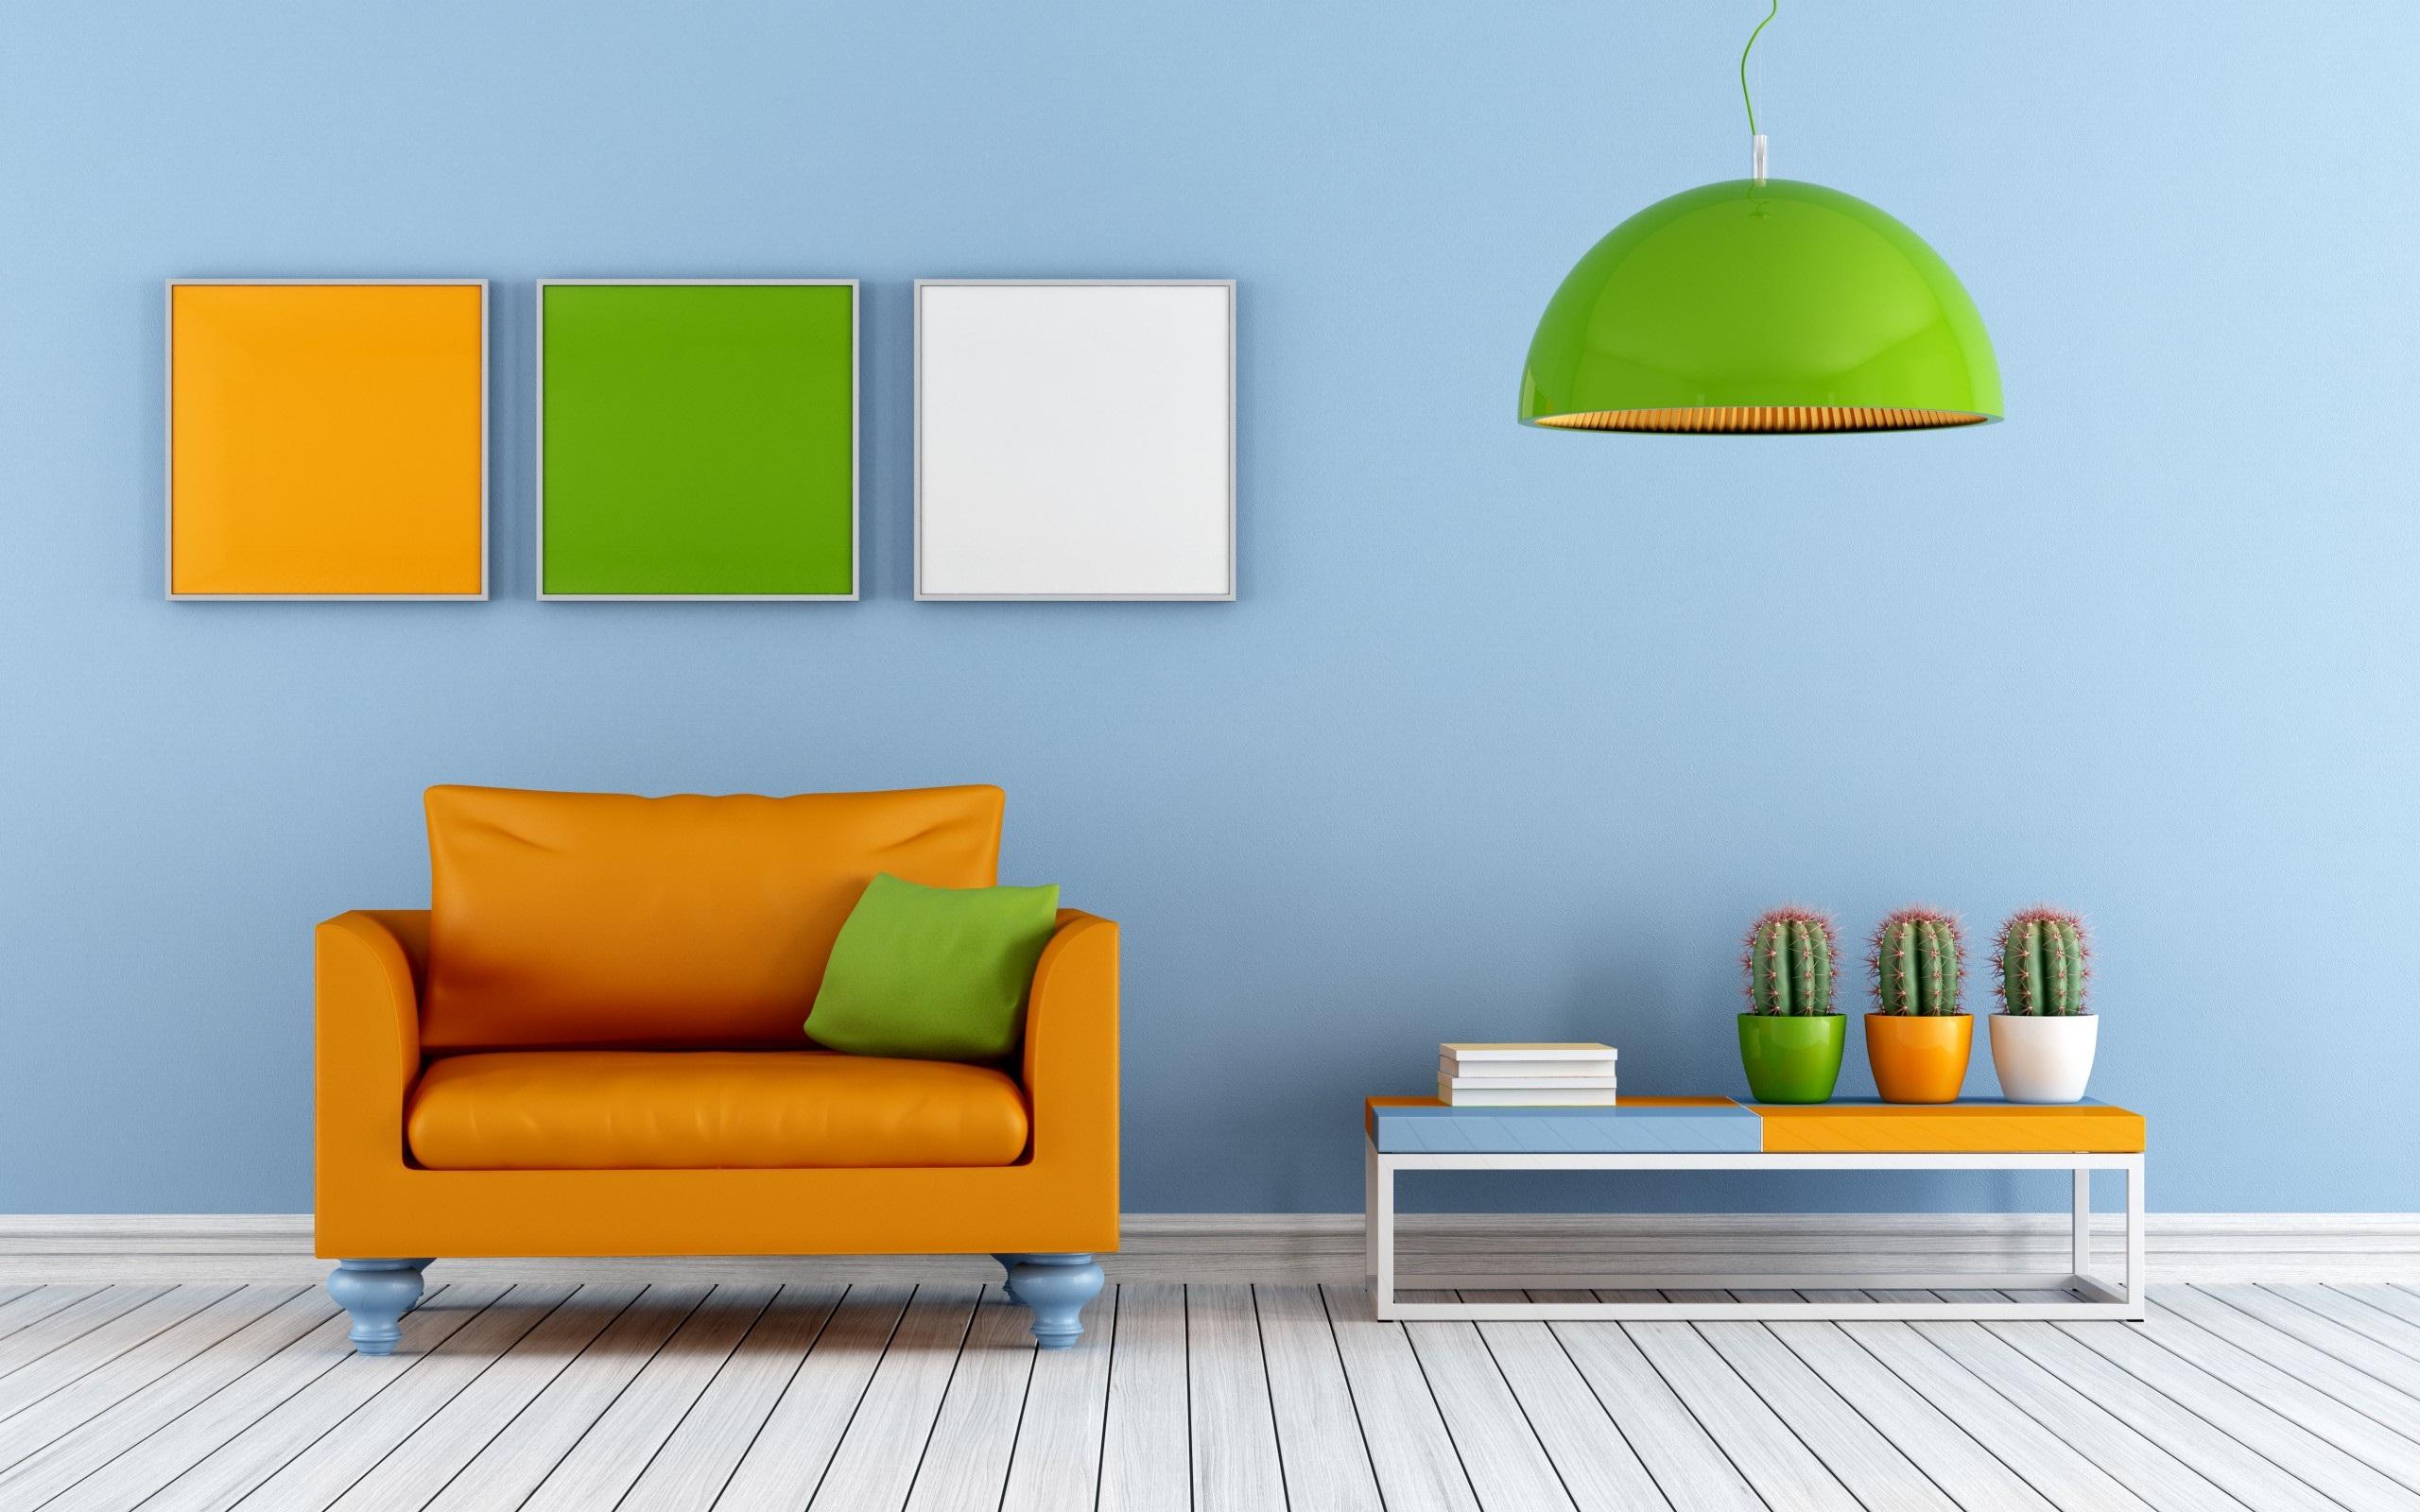 Interior Design House Designerraleigh kitchen cabinets